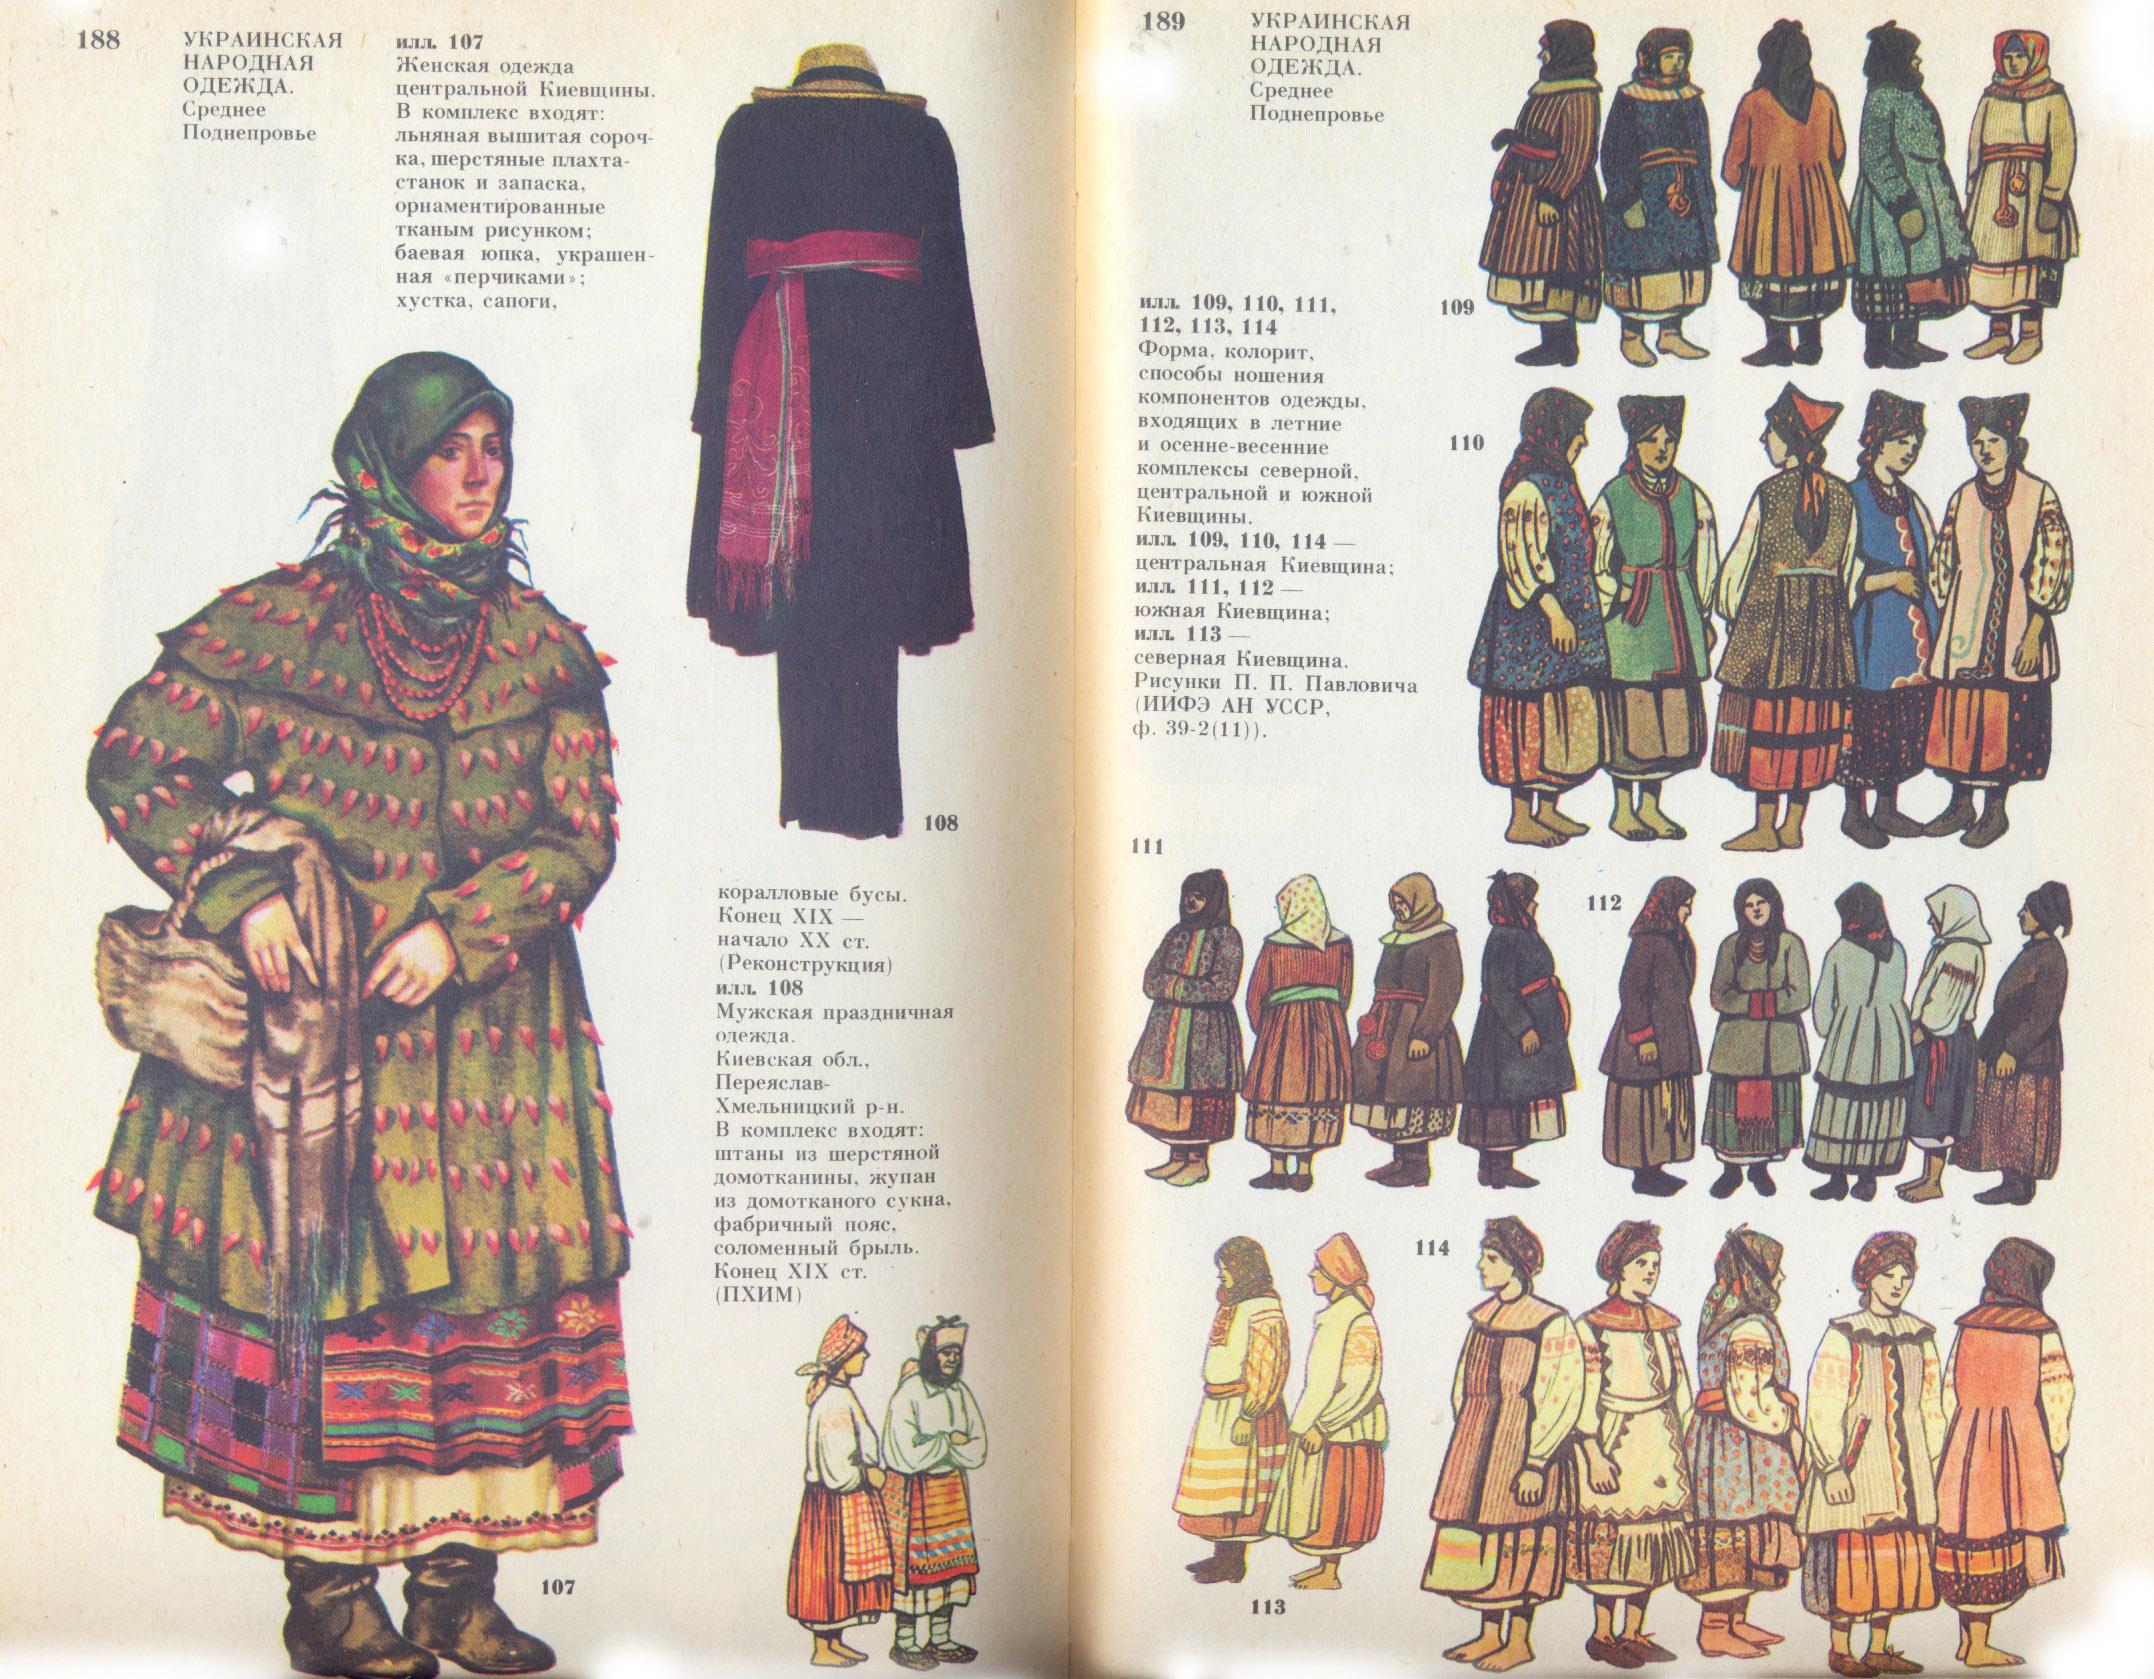 украина 188-189.jpg